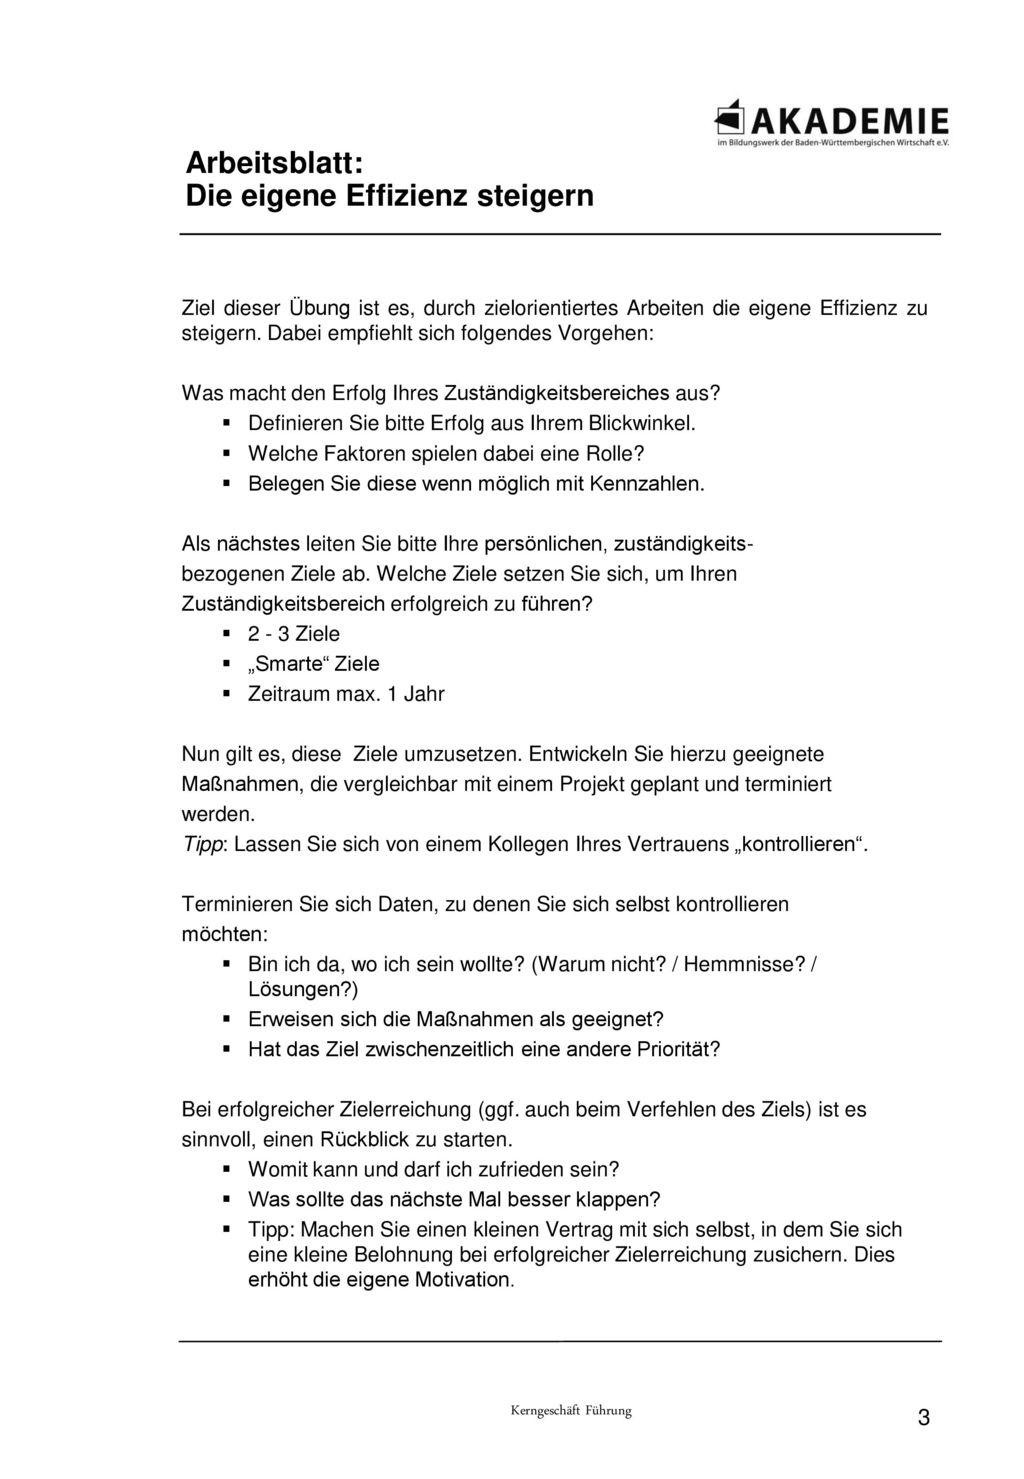 Charmant Subjektive Vs Ziel Arbeitsblatt Zeitgenössisch ...